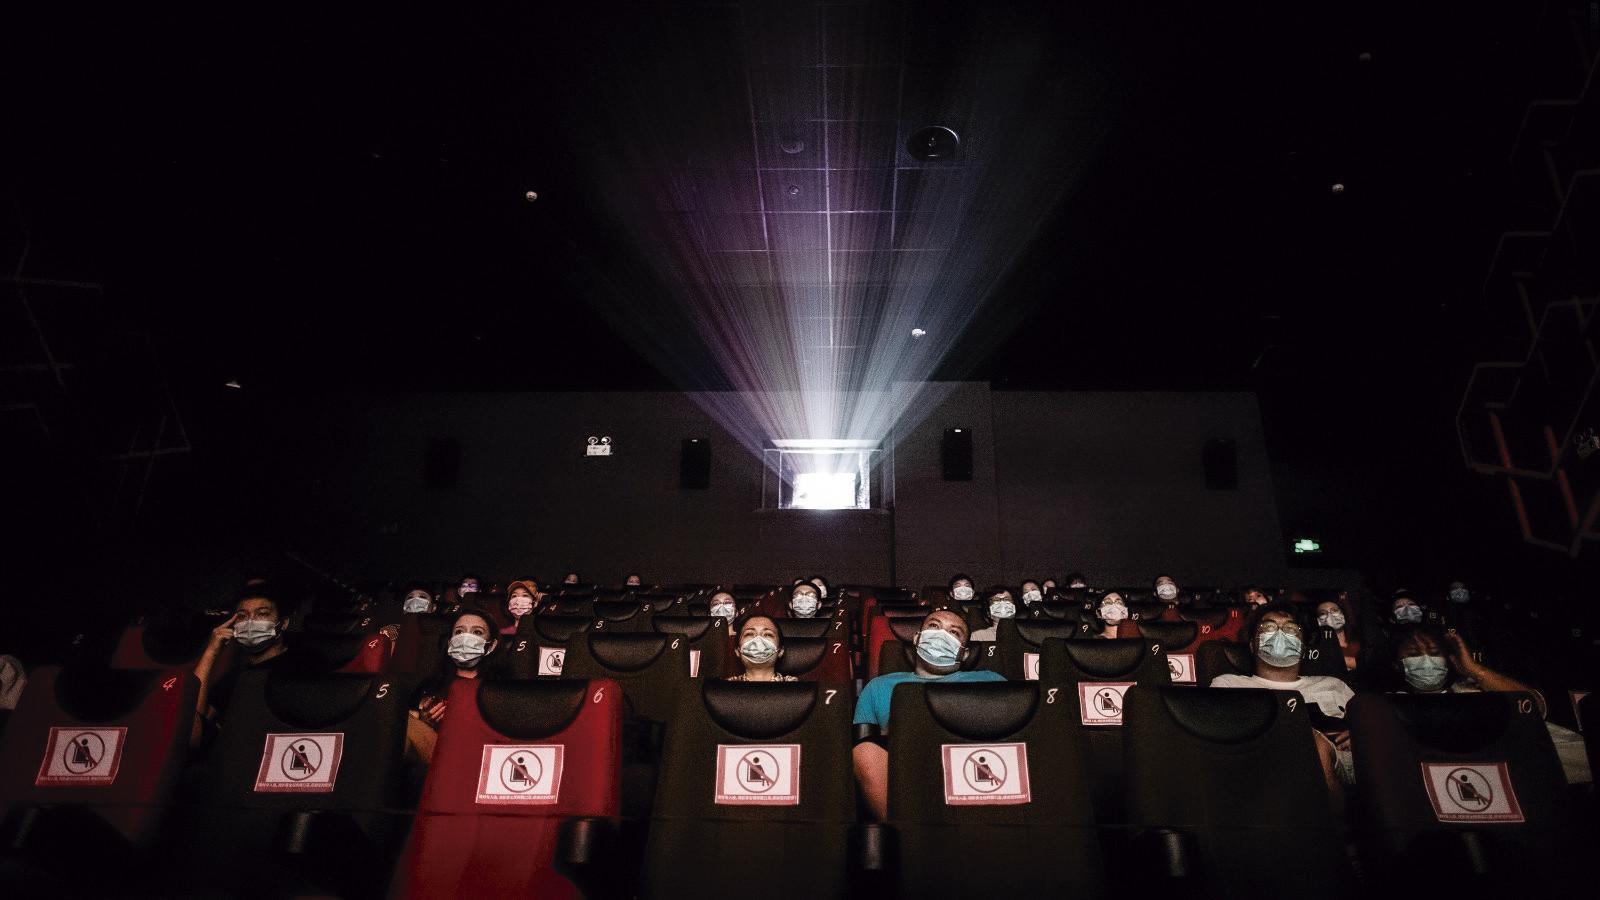 Cines: ¿cómo lograr el retorno a las salas?